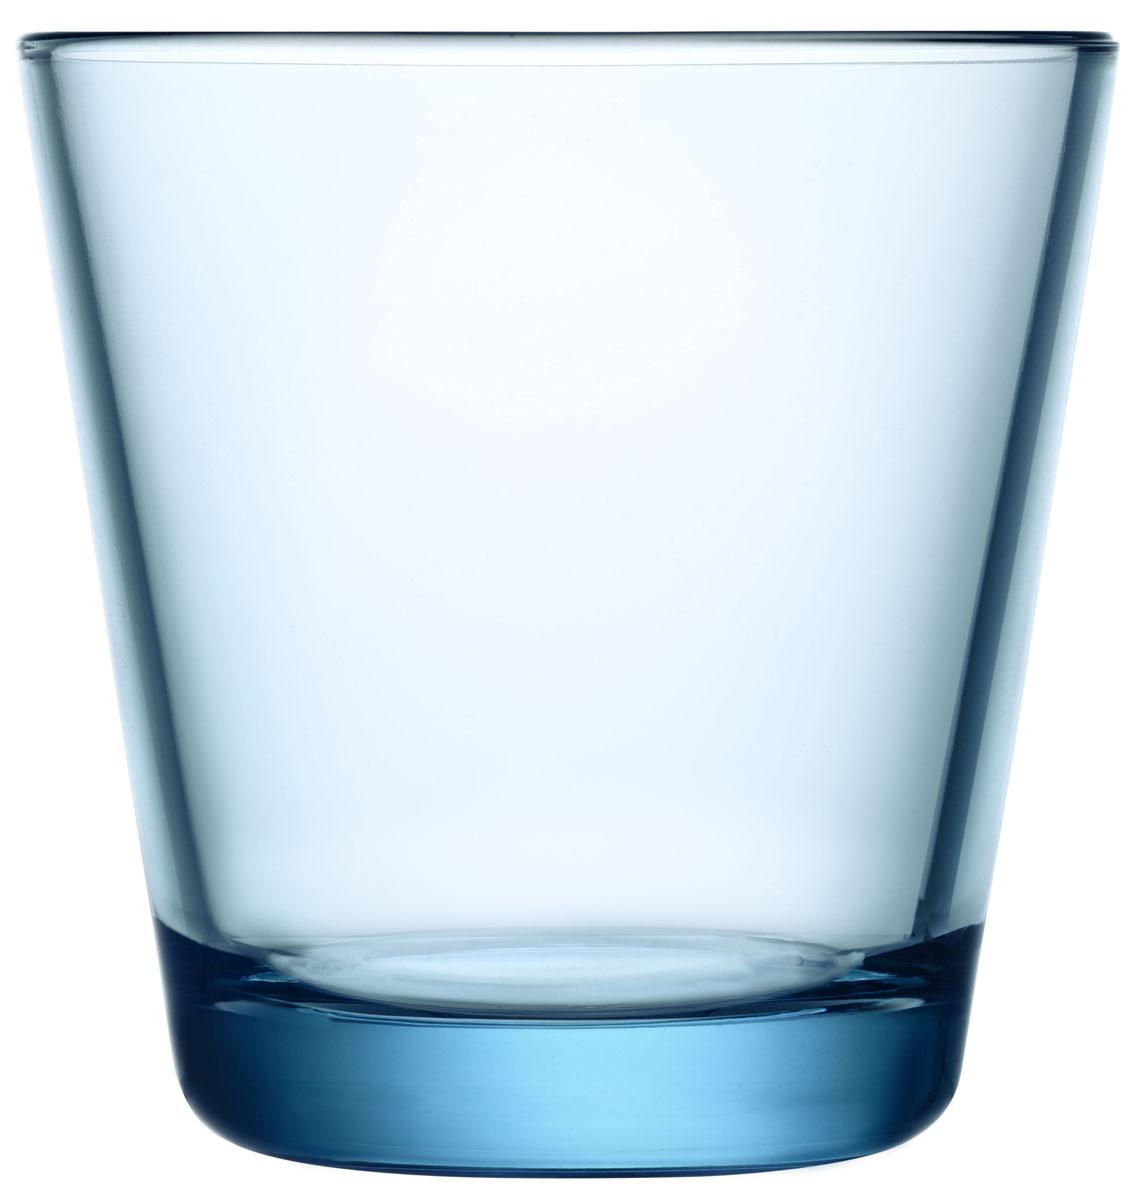 Набор стаканов Iittala Kartio, цвет: голубой, 210 мл, 2 шт1008536Стаканы Iittala выполнены из высококачественного стекла. Изделия имеют удобную изящную форму, которая позволит им комфортно лежать в вашей руке. Дизайн стаканов будет радовать глаз. Легкий и прочный материал обеспечит сохранность изделия в течение многих лет.